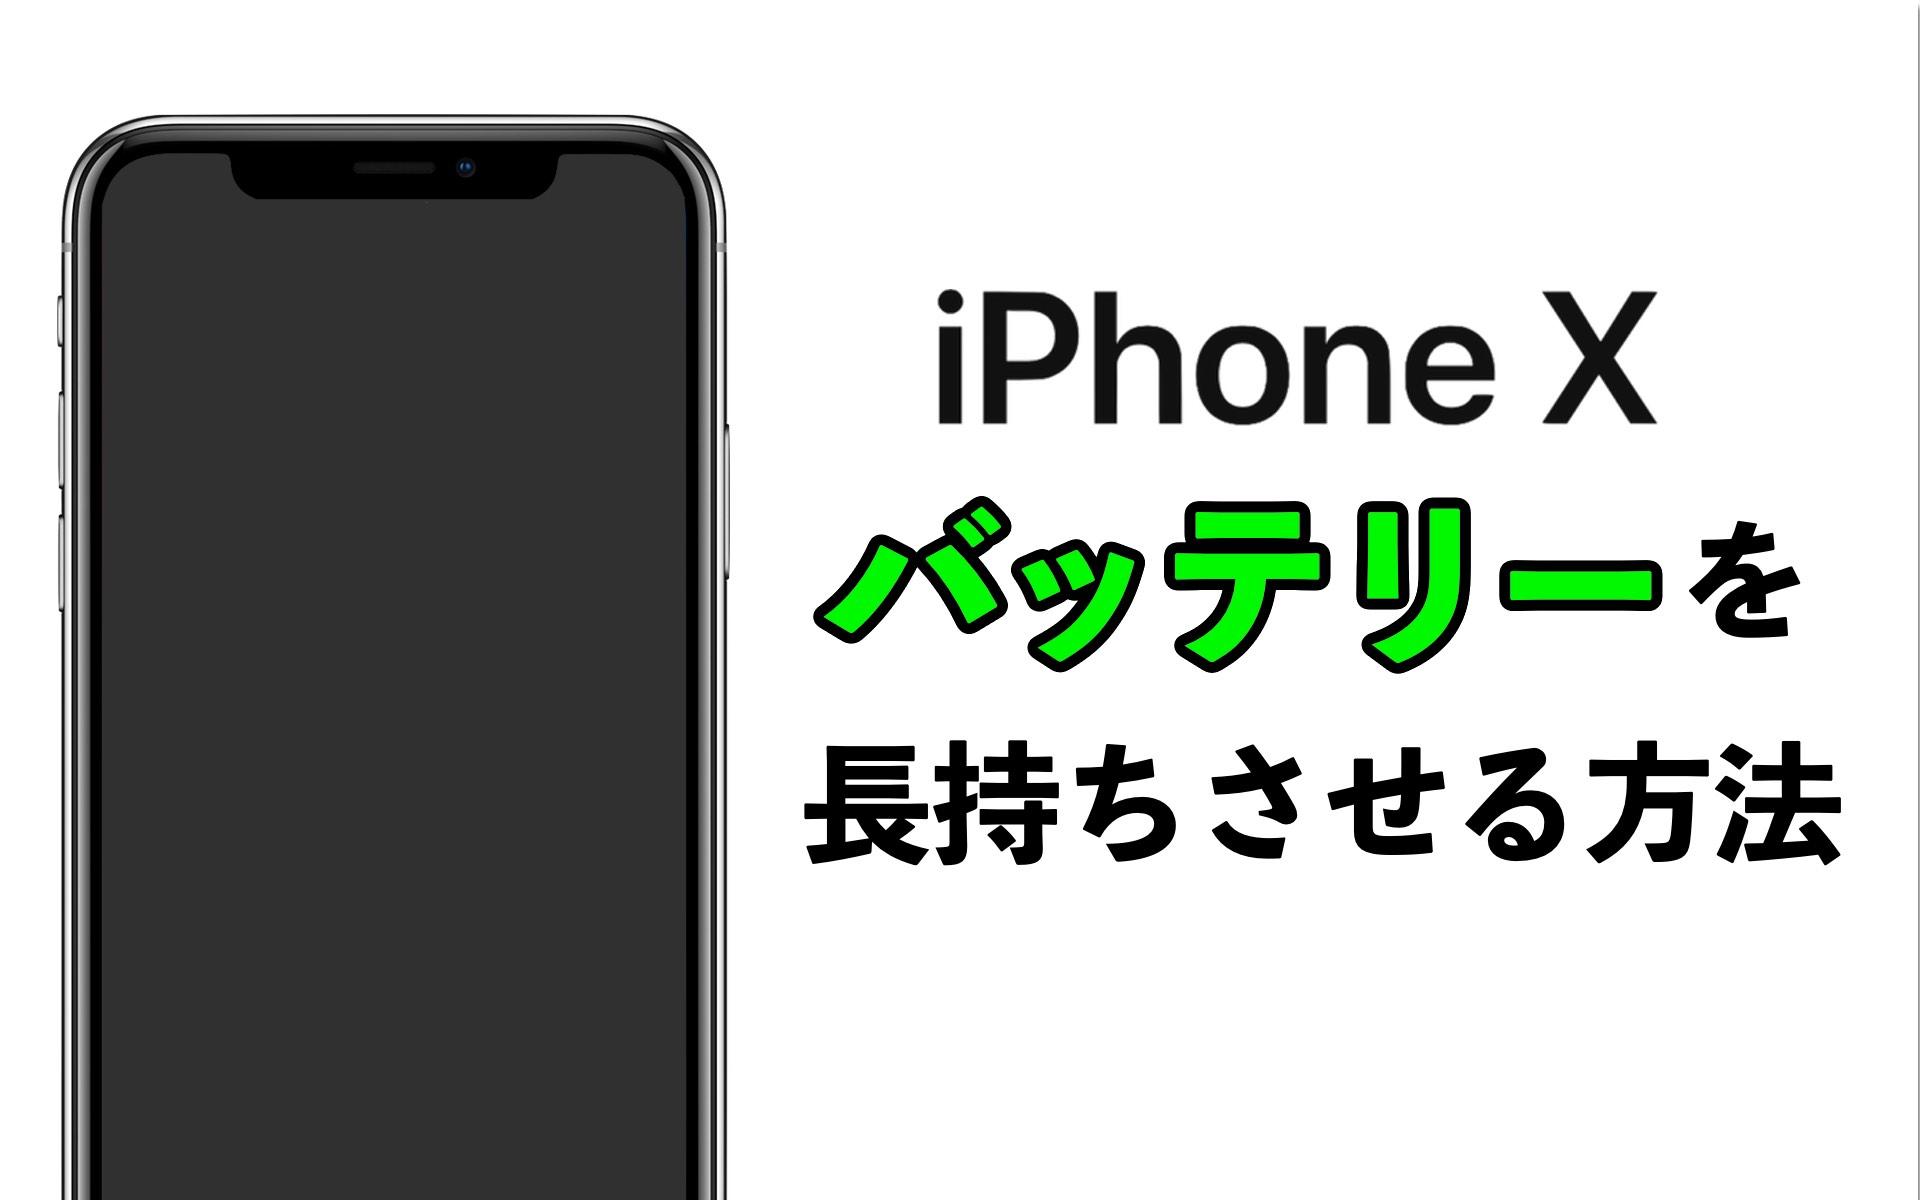 iPhoneXバッテリーを長持ちさせる方法のアイキャッチ